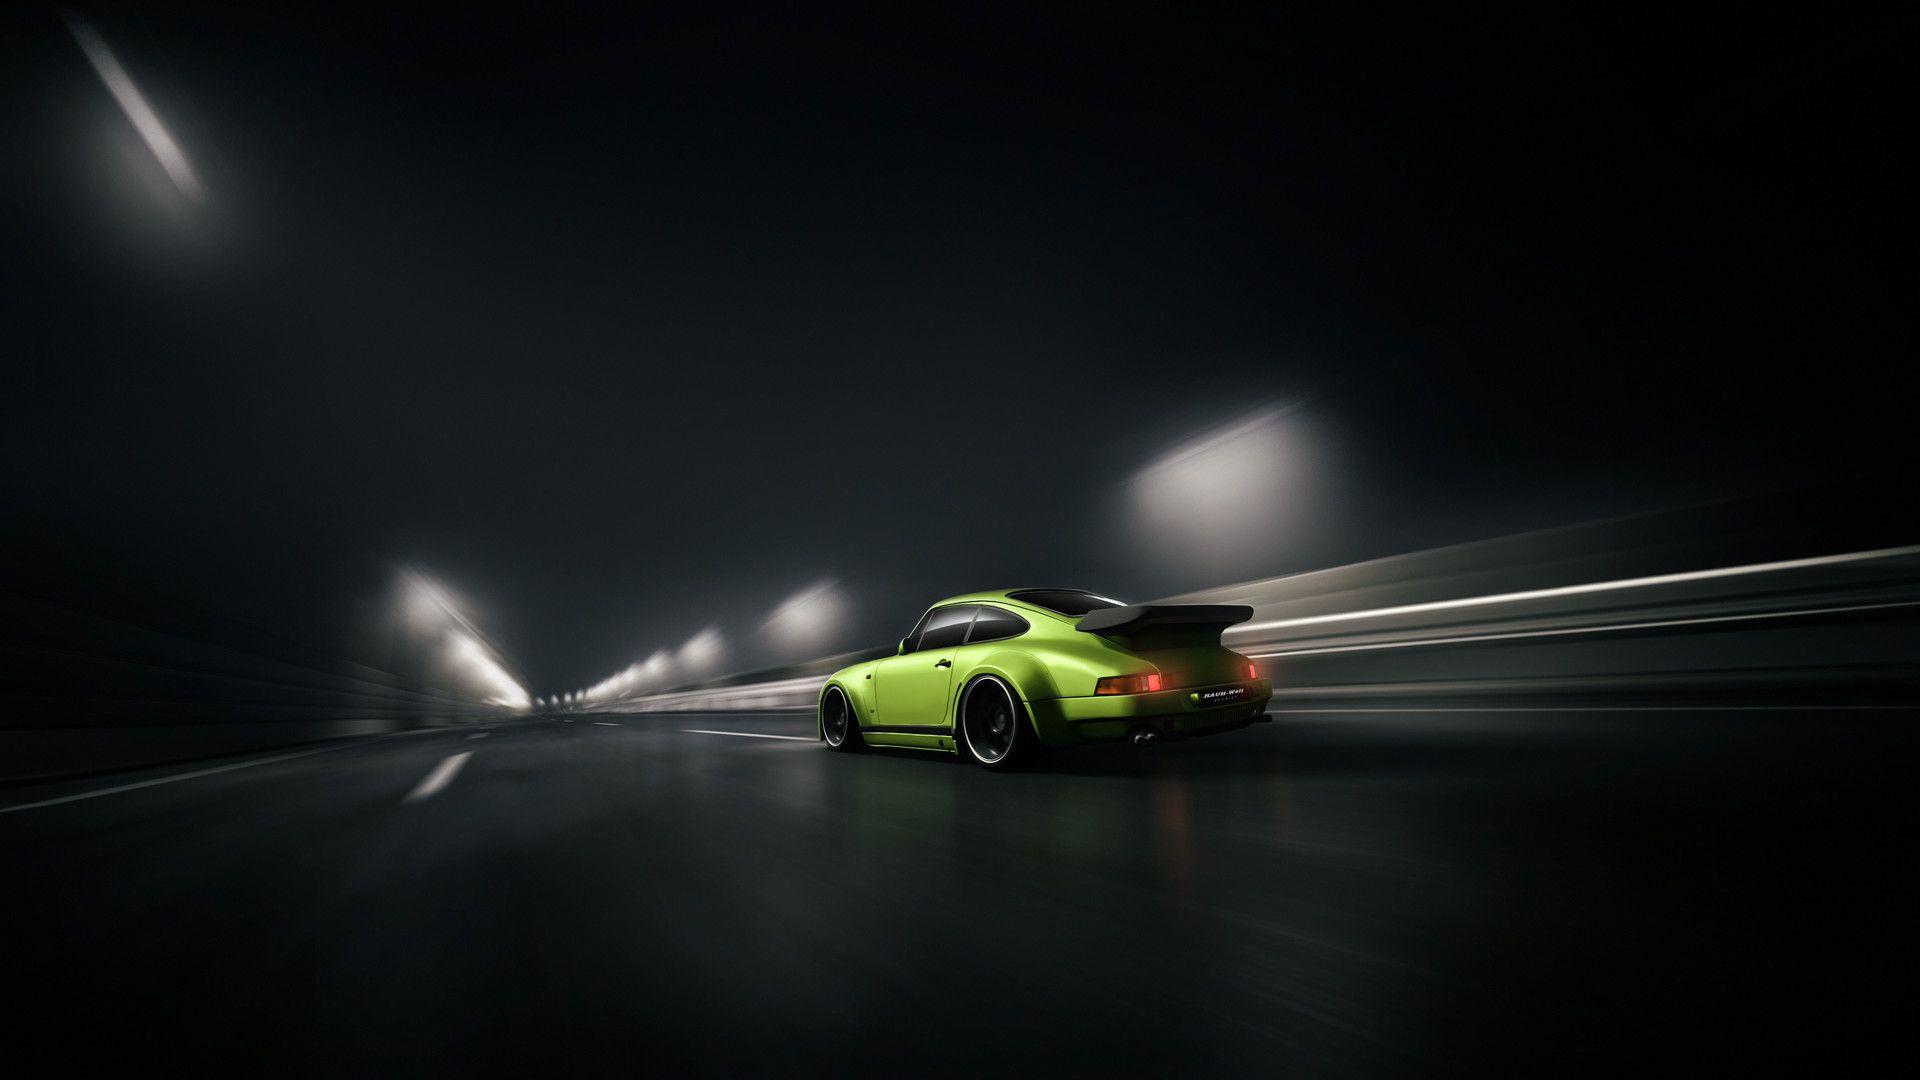 Artstation Need For Speed Sarathonux Kor Porsche 930 Porsche Sports Car Wallpaper